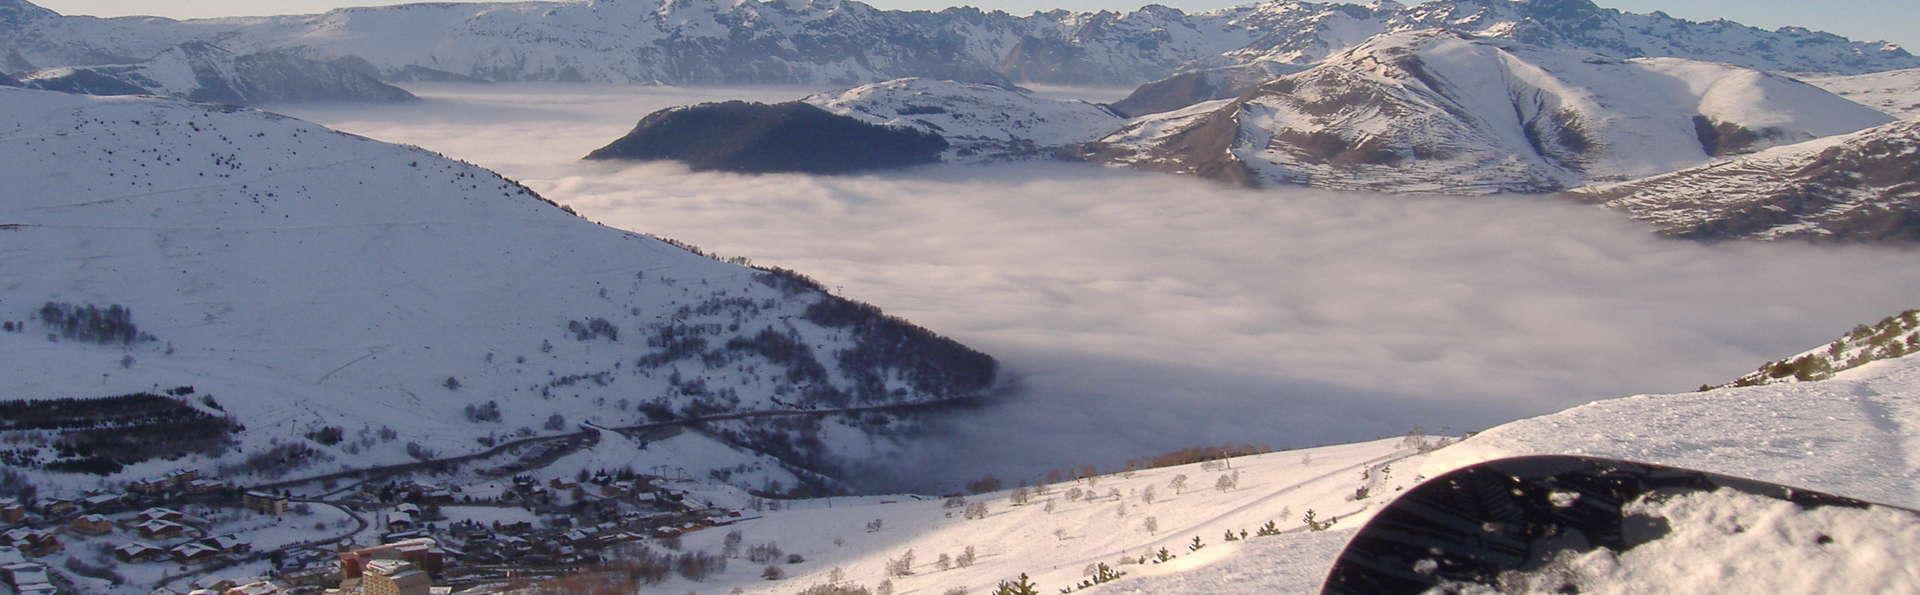 Vacancéole - Résidence l'Edelweiss - Les_Deux_Alpes_-_Vue_station_Hiver.jpg